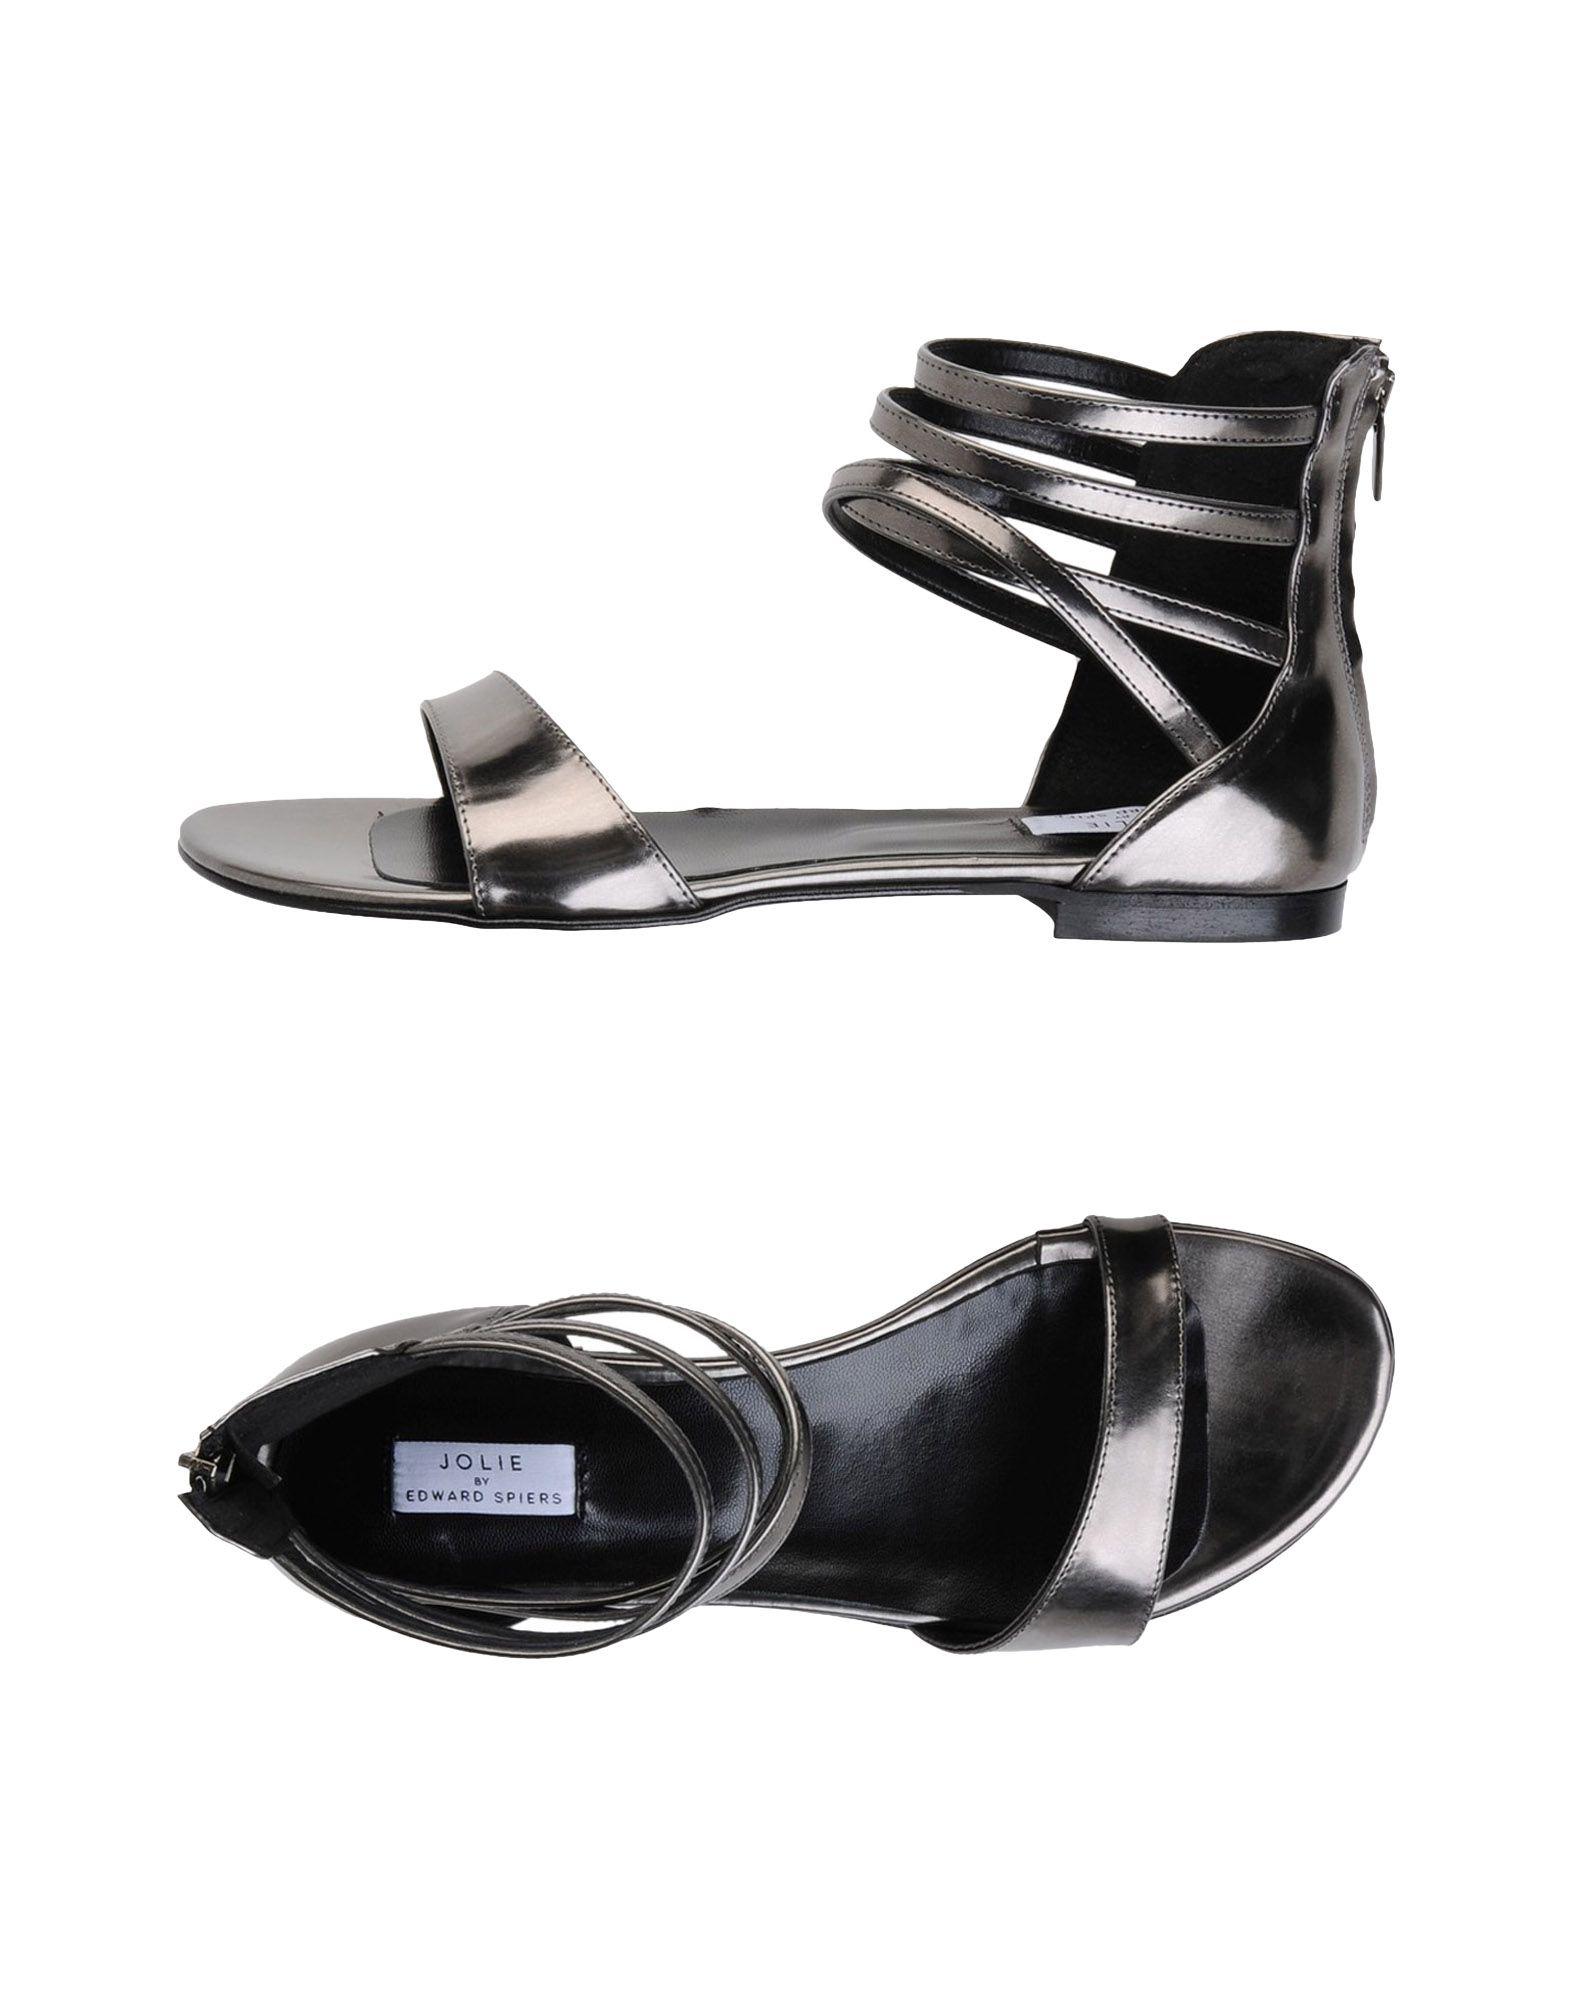 Jolie By Women Edward Spiers Sandals - Women By Jolie By Edward Spiers Sandals online on  United Kingdom - 11477471CC 3ebc70